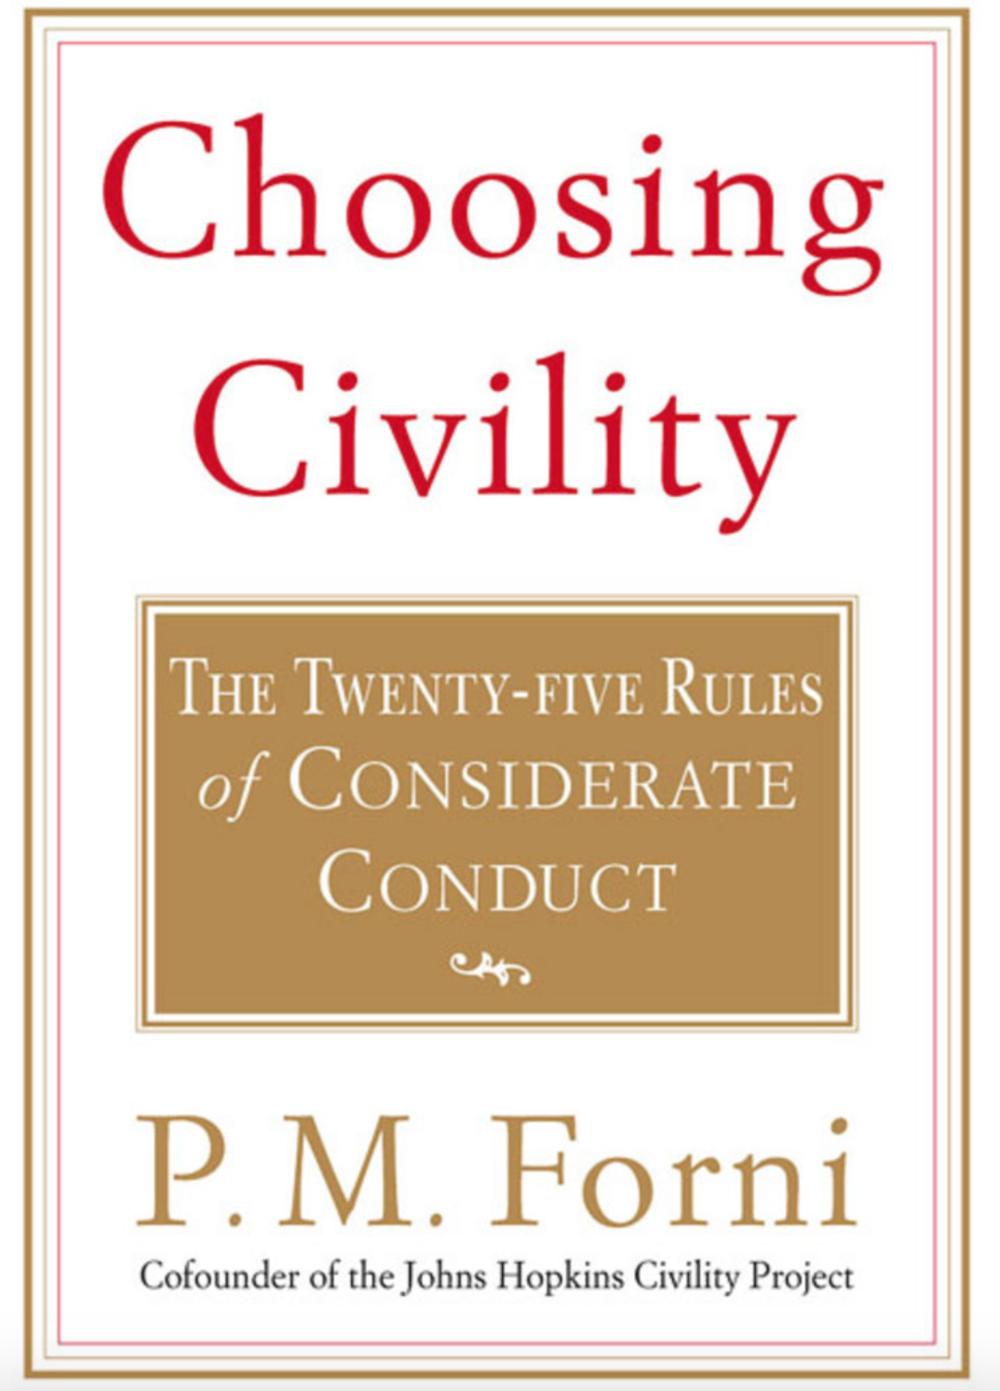 ChoosingCivilityForni.png